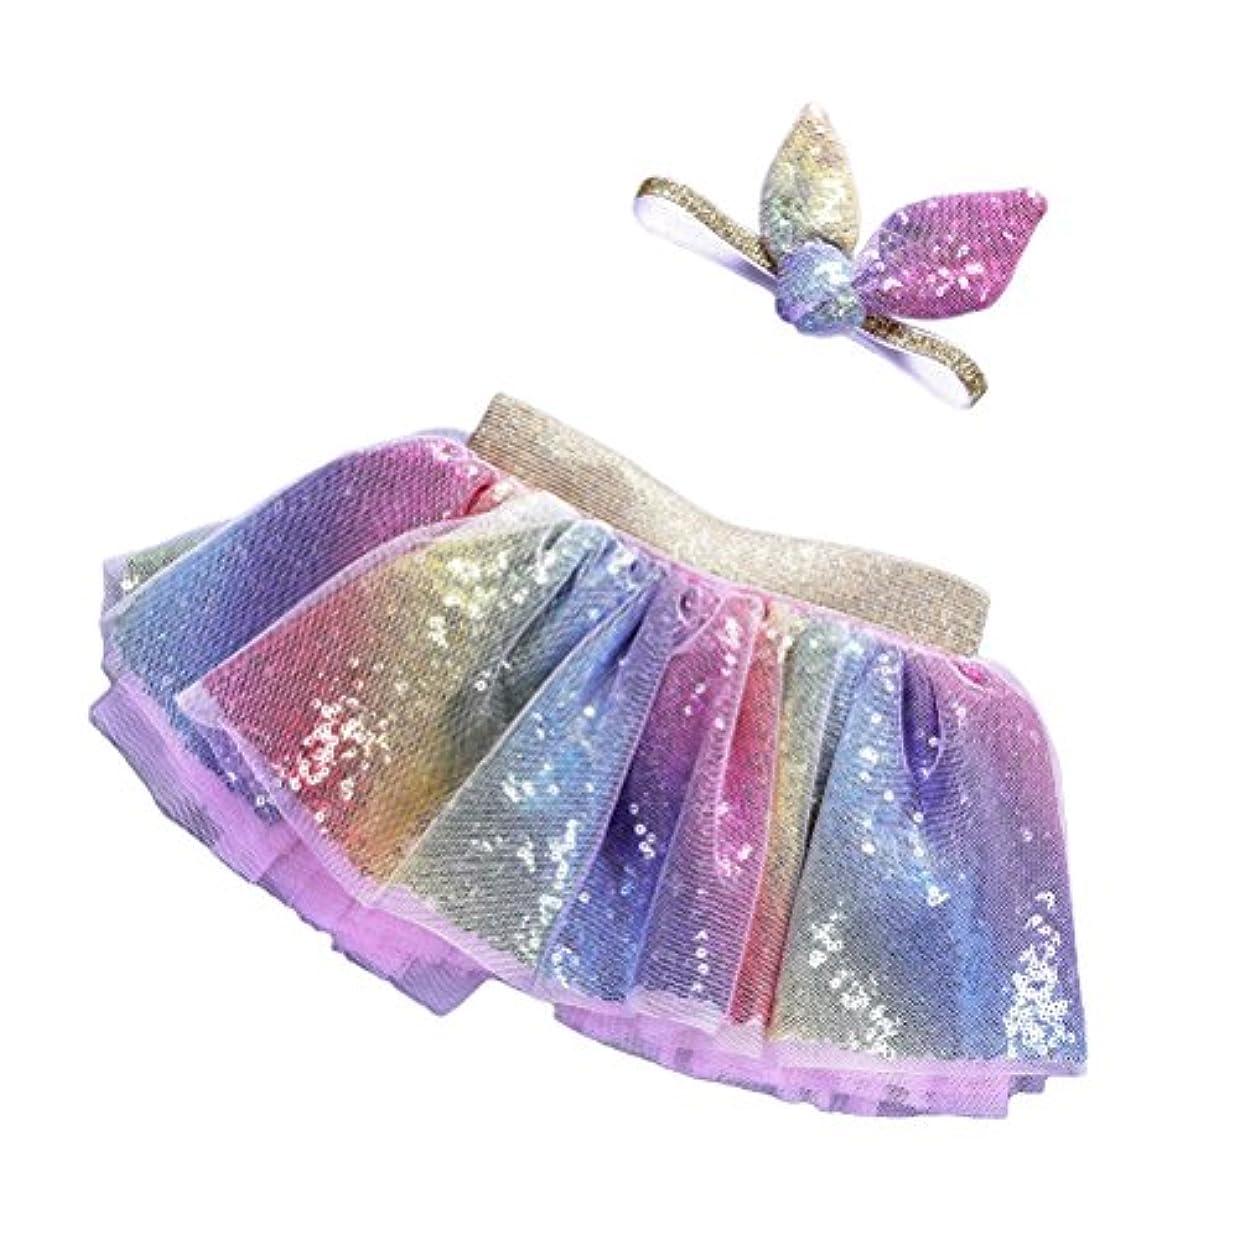 堂々たる統計エキゾチックLUOEM 2PCSレインボーツツスカート(ヘッドバンド付き)プリンセスガールツツーの服装ベイビーガールズ誕生日の服セットサイズL(4-8歳)